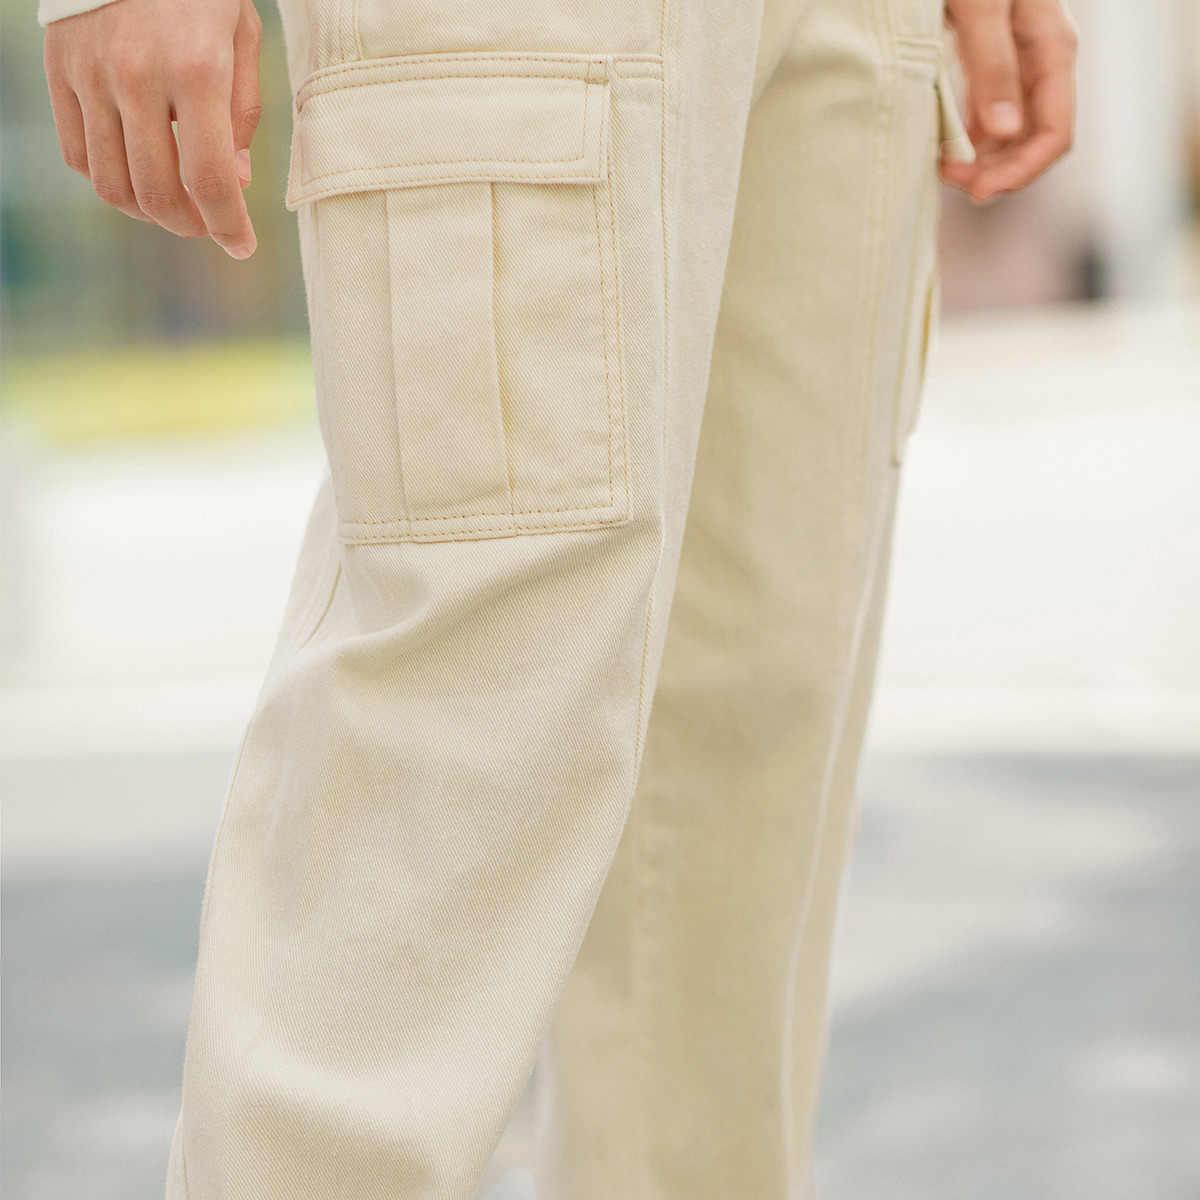 אינמן 2020 אביב חדש הגעה ספרותי גבוהה מותניים טהור כותנה סרבל סגנון Loose לפת pantaloons מכנסיים